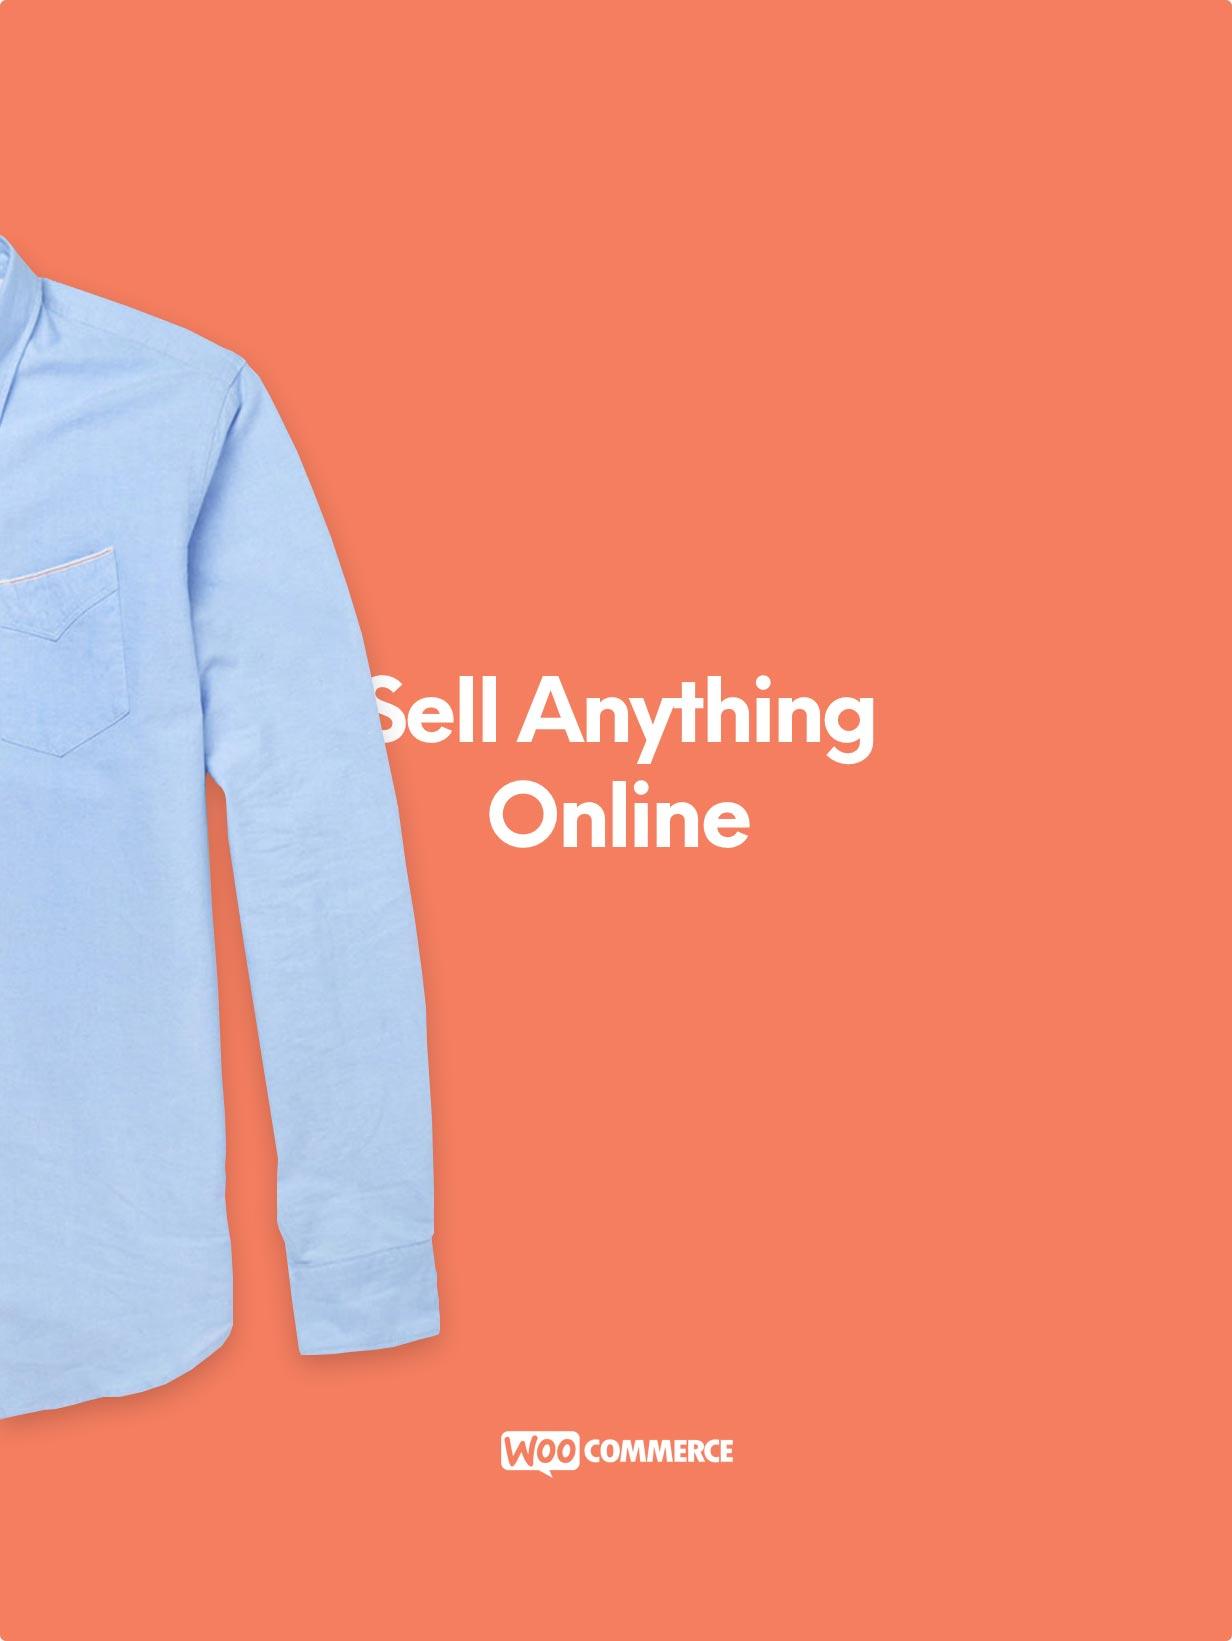 shopkeeper10 - Shopkeeper - eCommerce WP Theme for WooCommerce